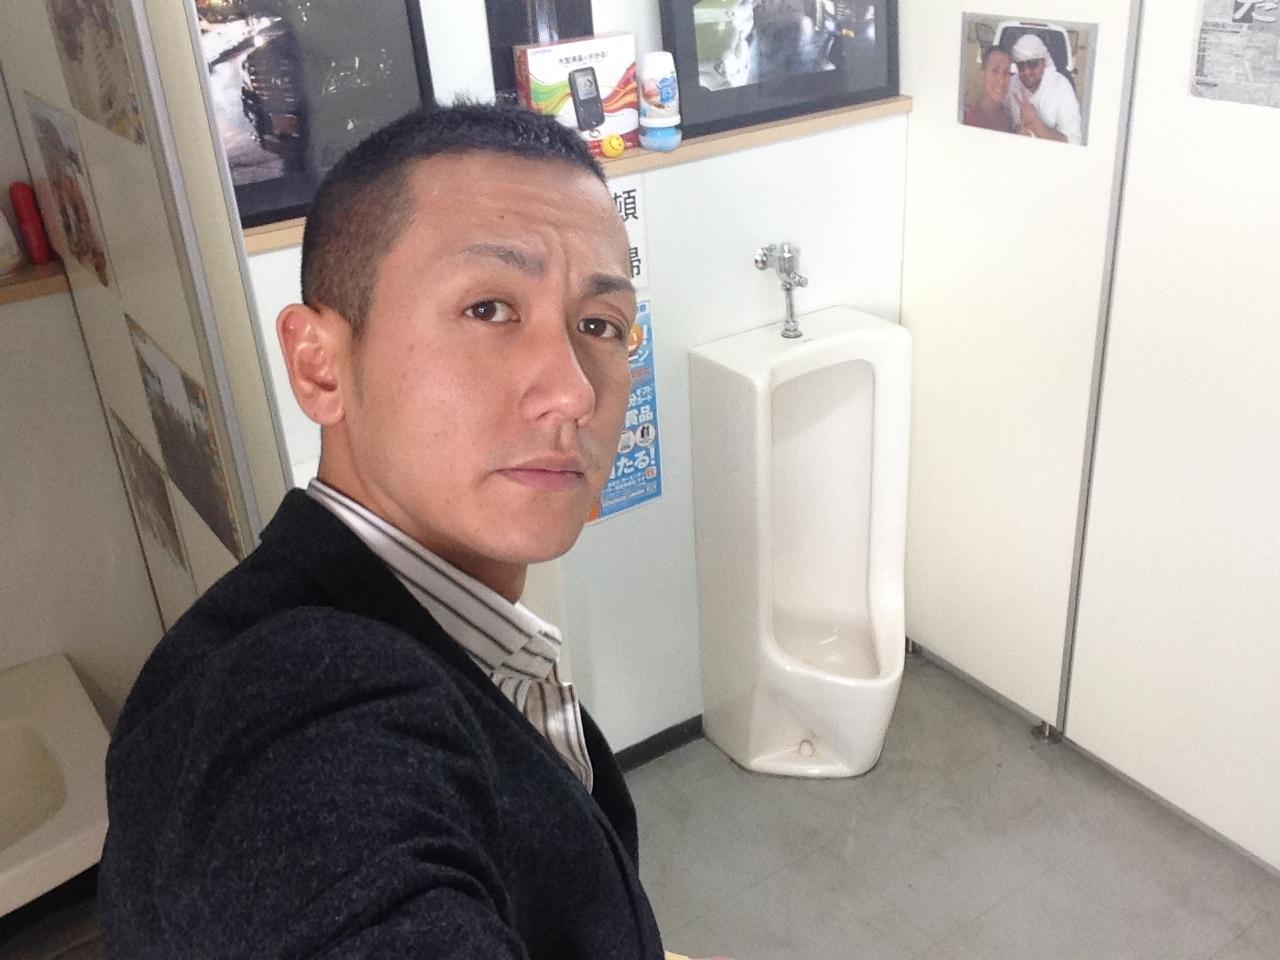 ランクルトミー札幌_b0127002_1228277.jpg